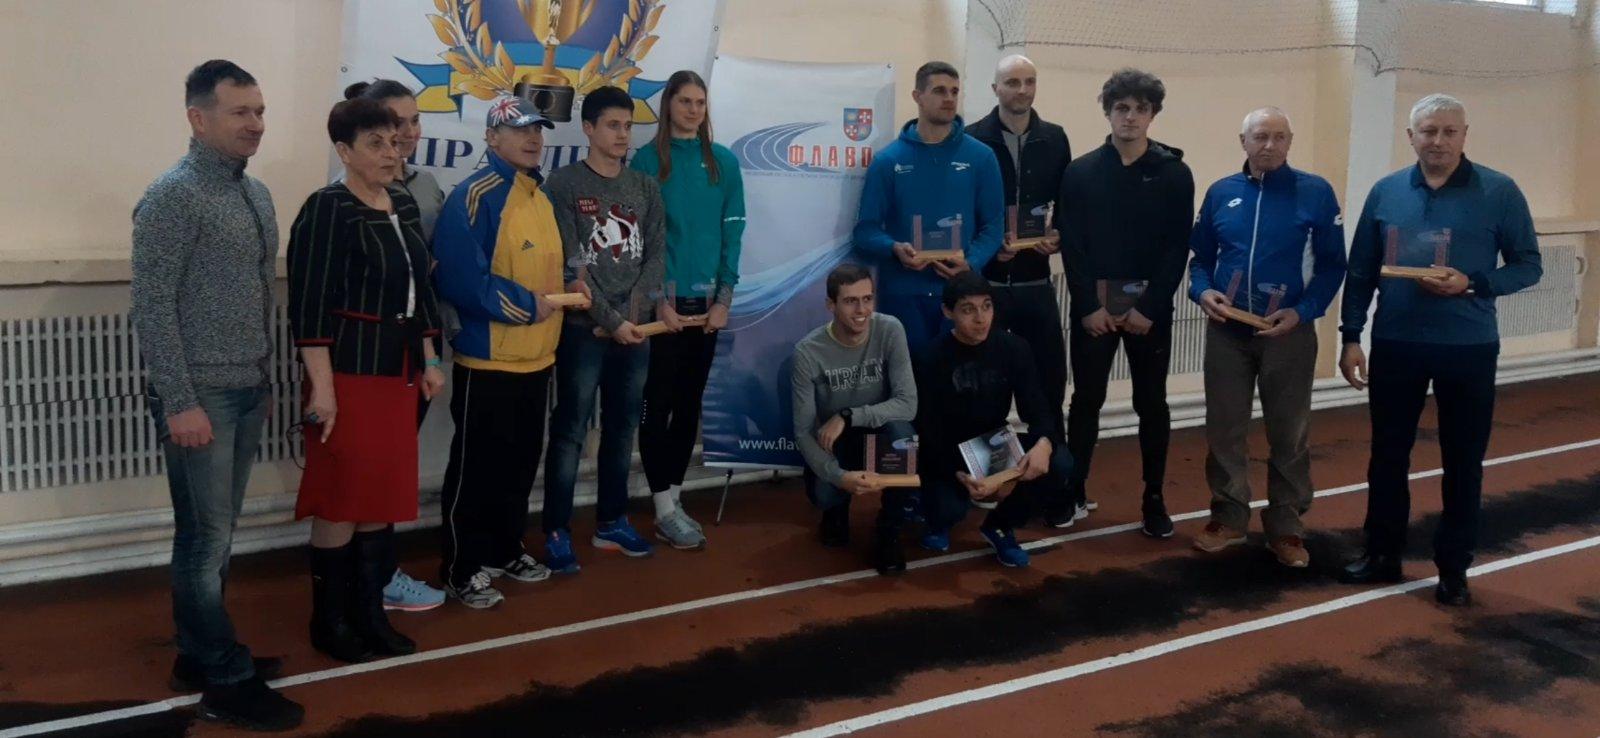 Федерація легкої атлетики Вінницької області відзначила найкращих спортсменів та тренерів 2019 року